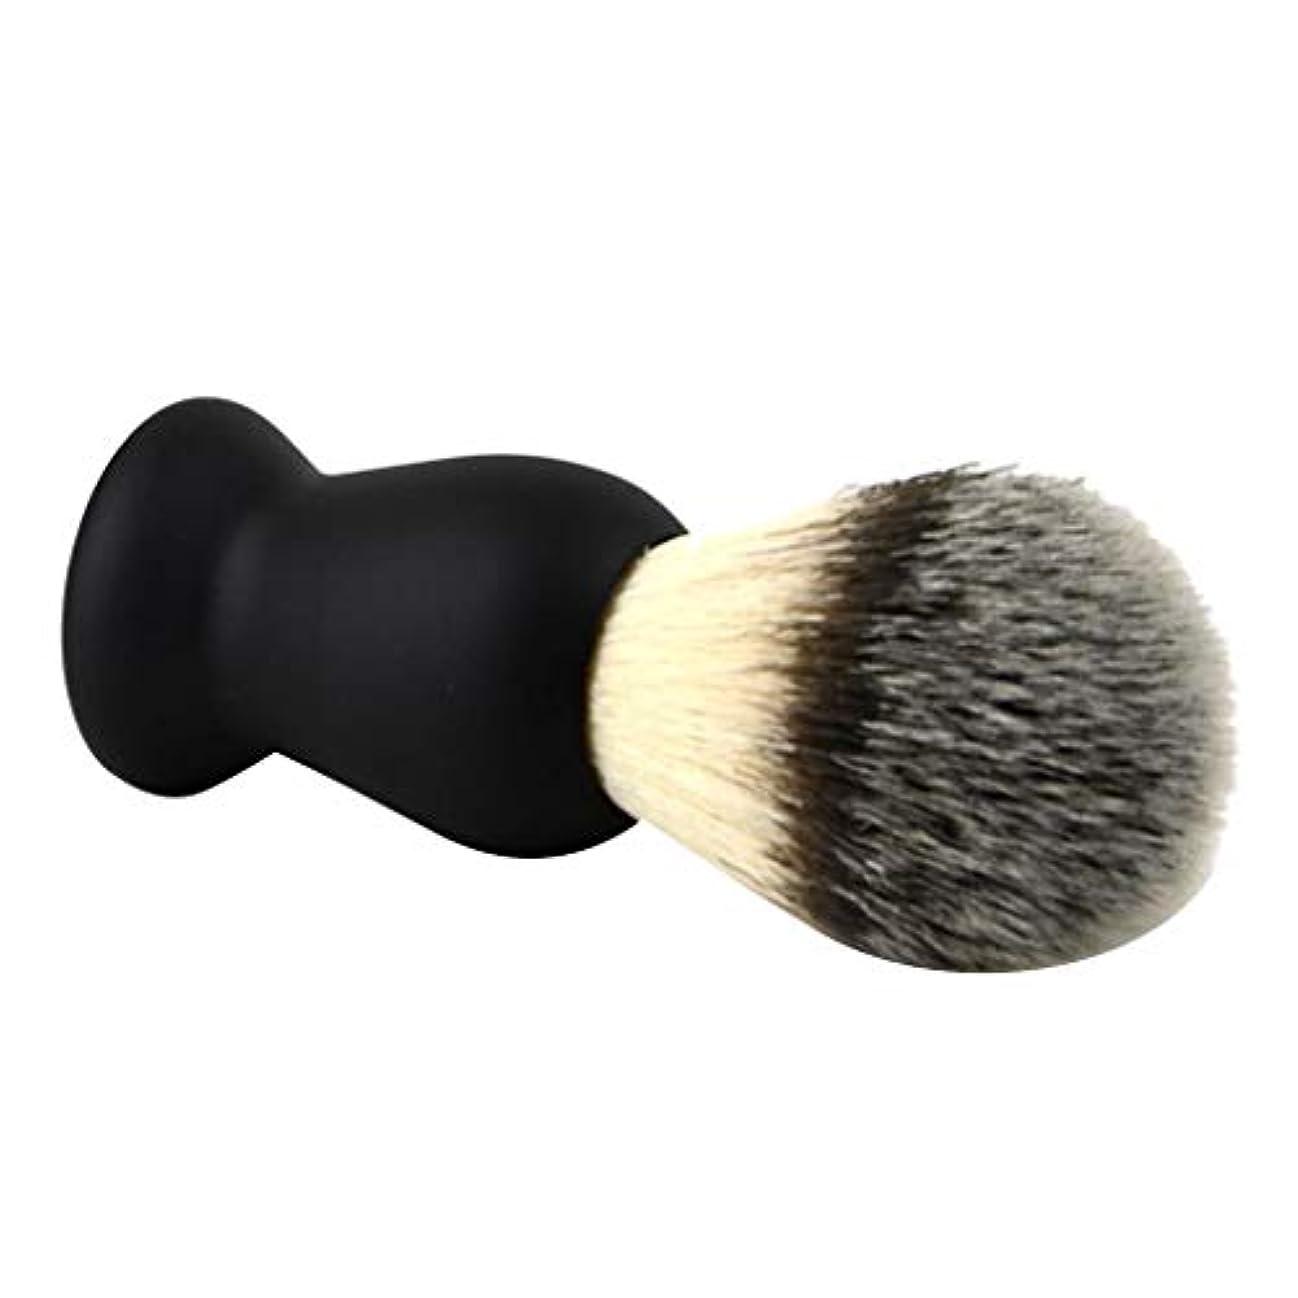 コロニールーキー動機付けるchiwanji シェービングブラシ メンズ ひげブラシ 剃毛ブラシ ABSハンドル+ナイロン 泡立て 散髪整理